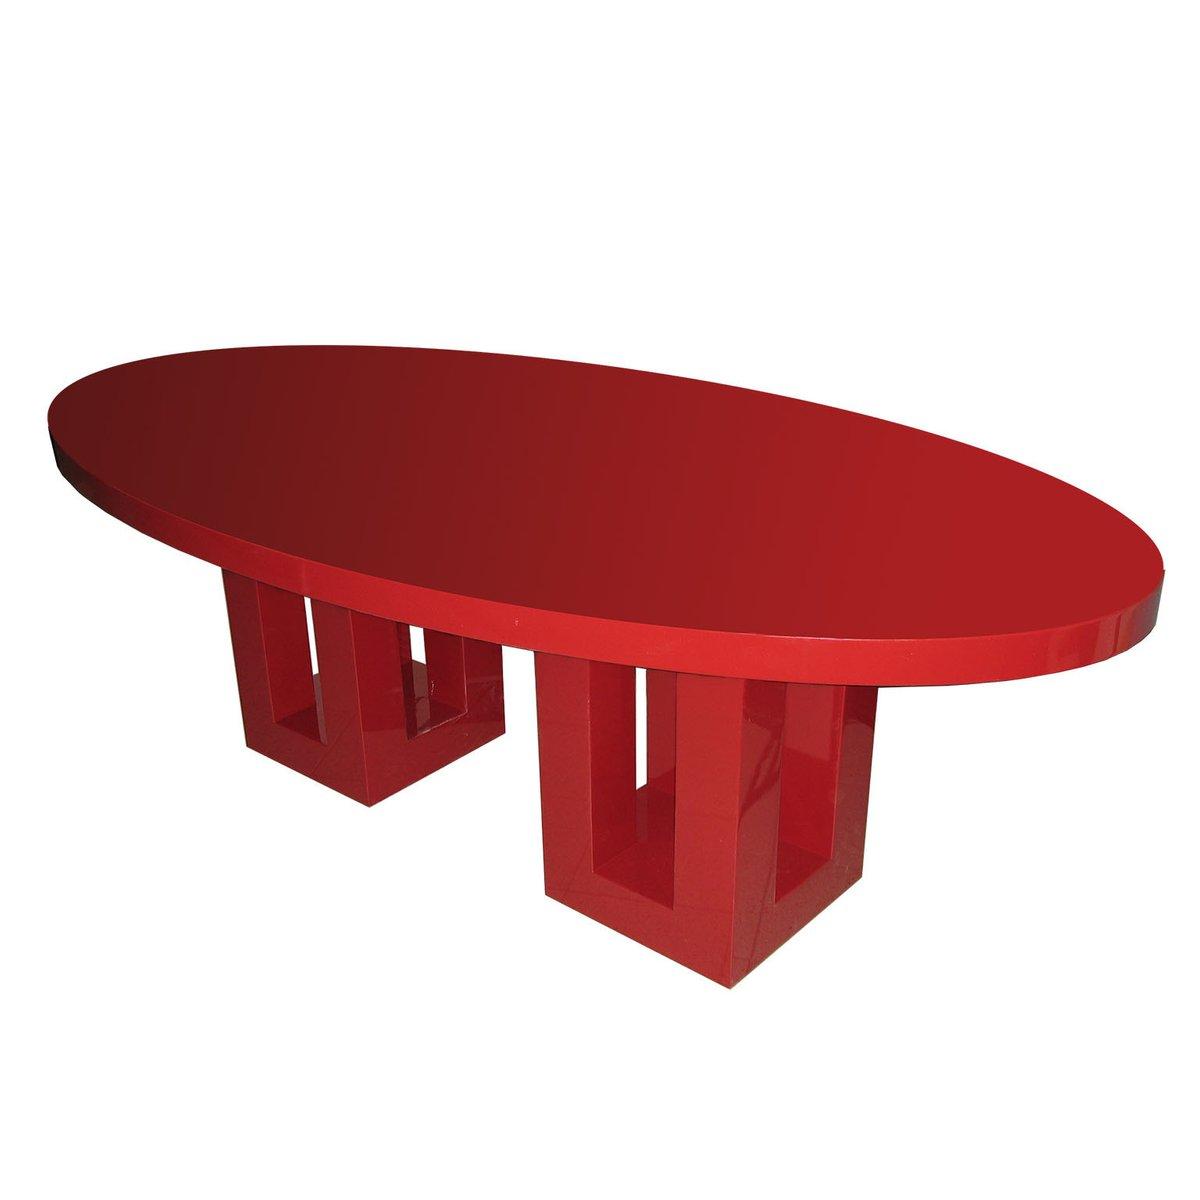 Tavolo Da Pranzo Grande Laccato Rosso Di Francois Champsaur Anni 90 In Vendita Su Pamono